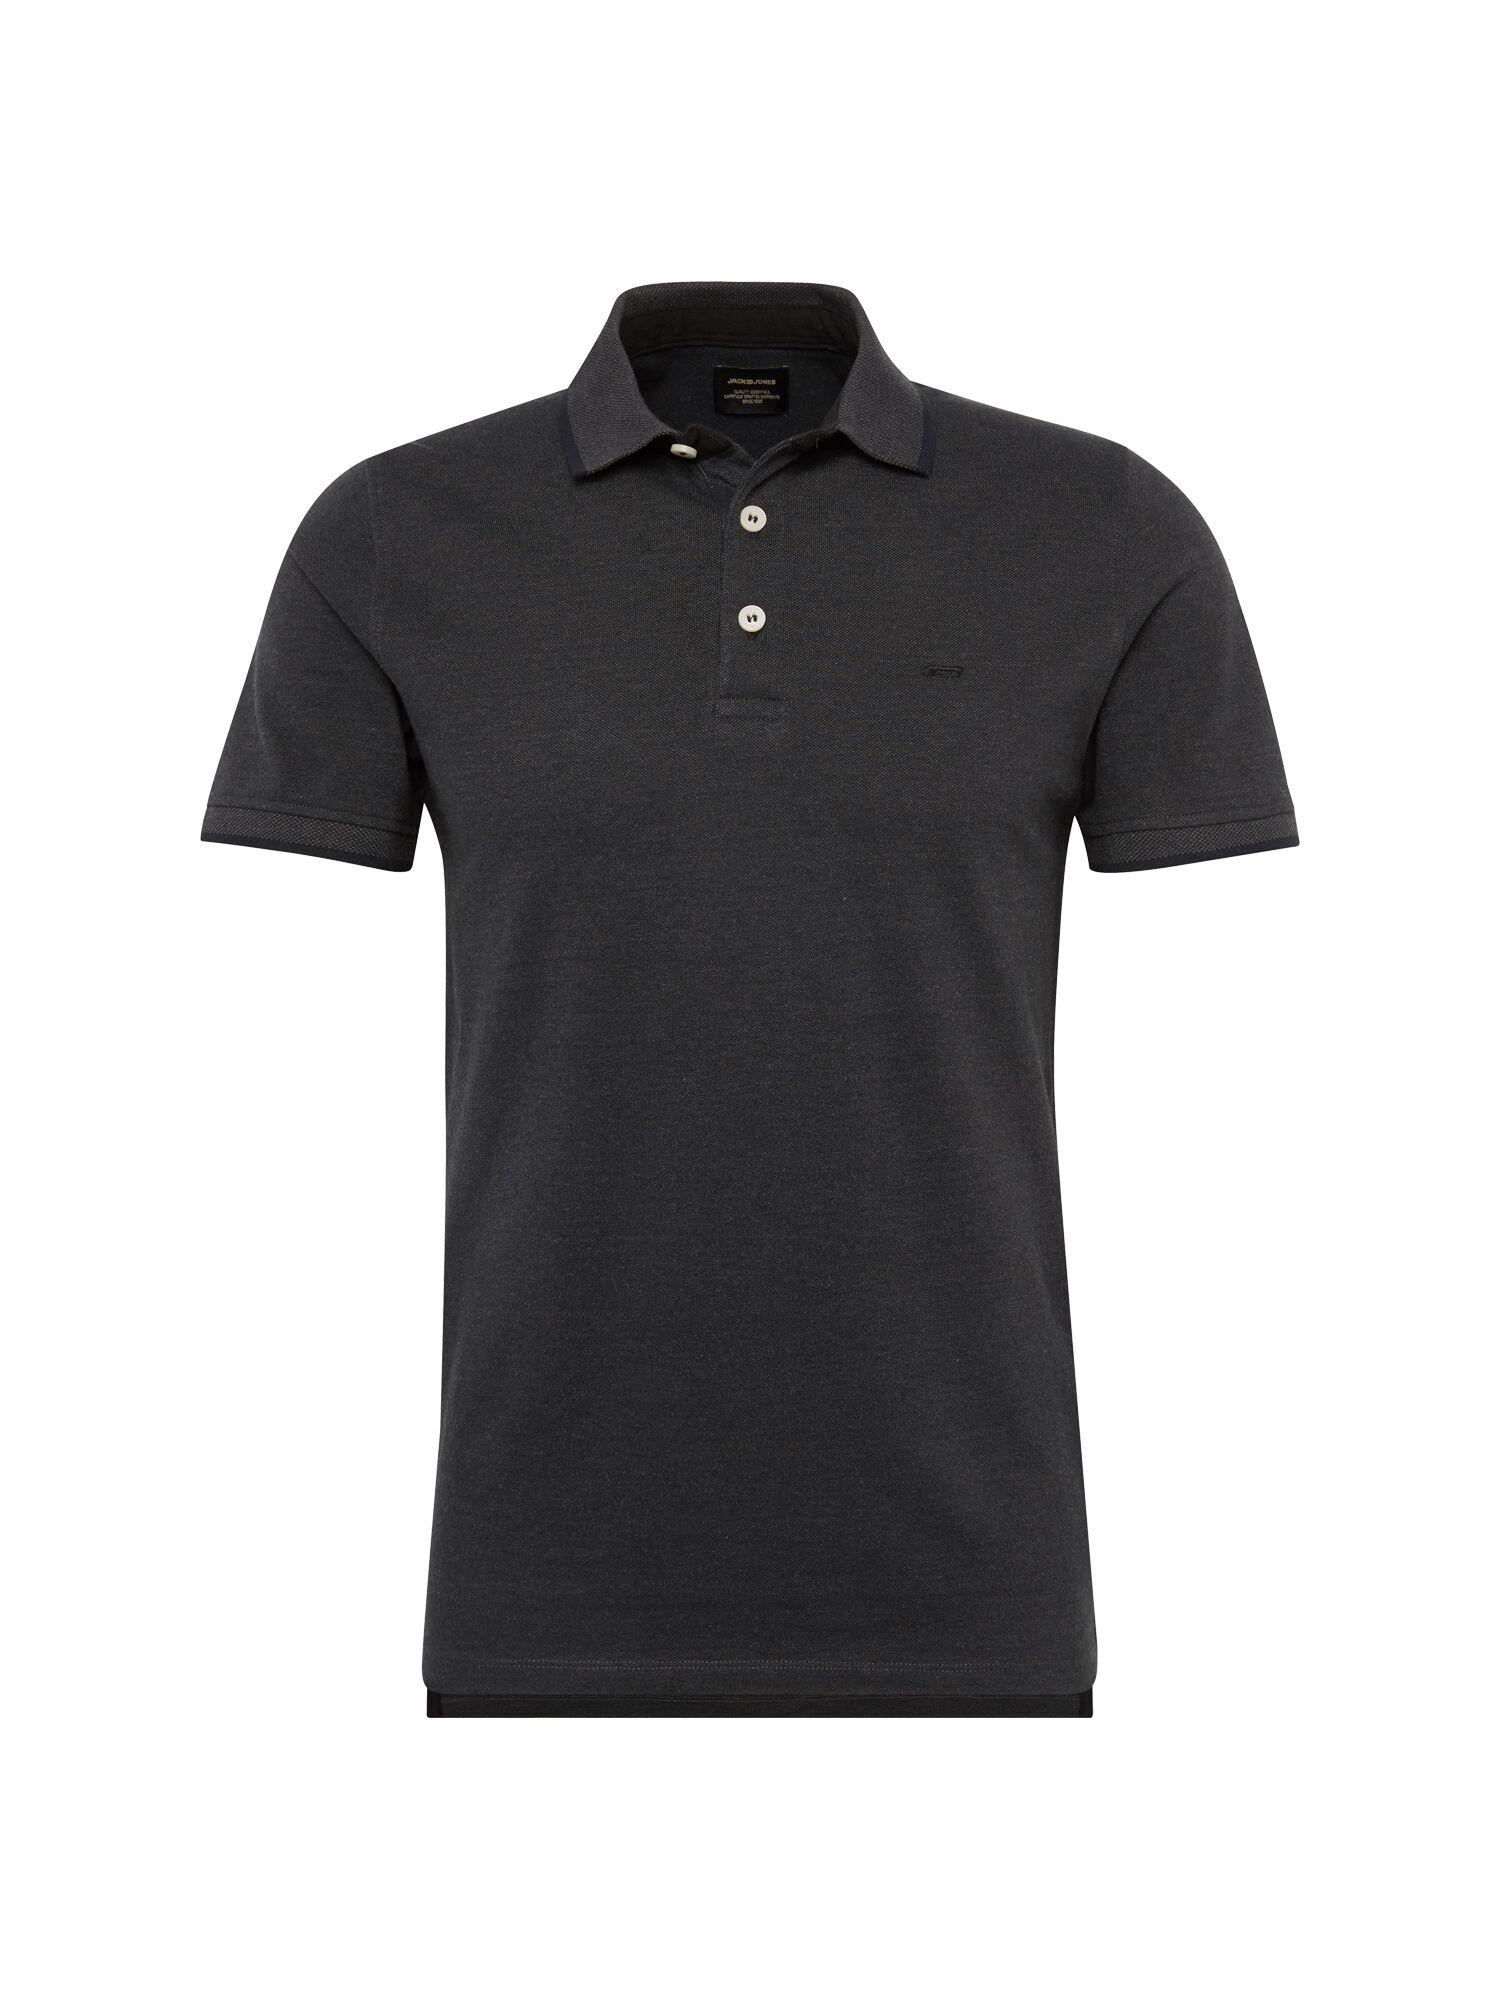 JACK & JONES T-Shirt  - Gris - Taille: XL - male